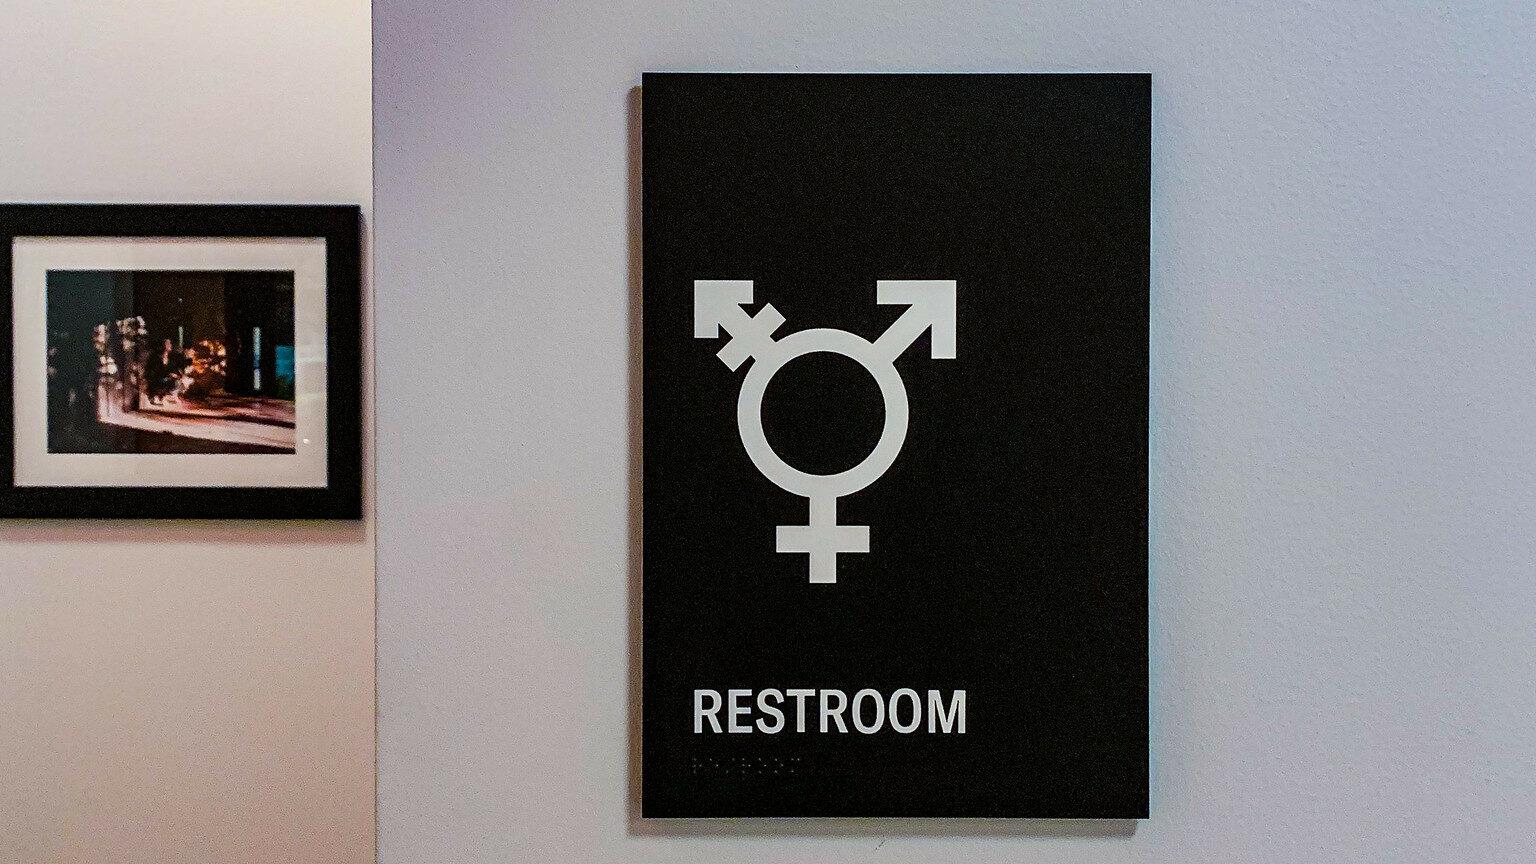 toilettes pour personnes trans